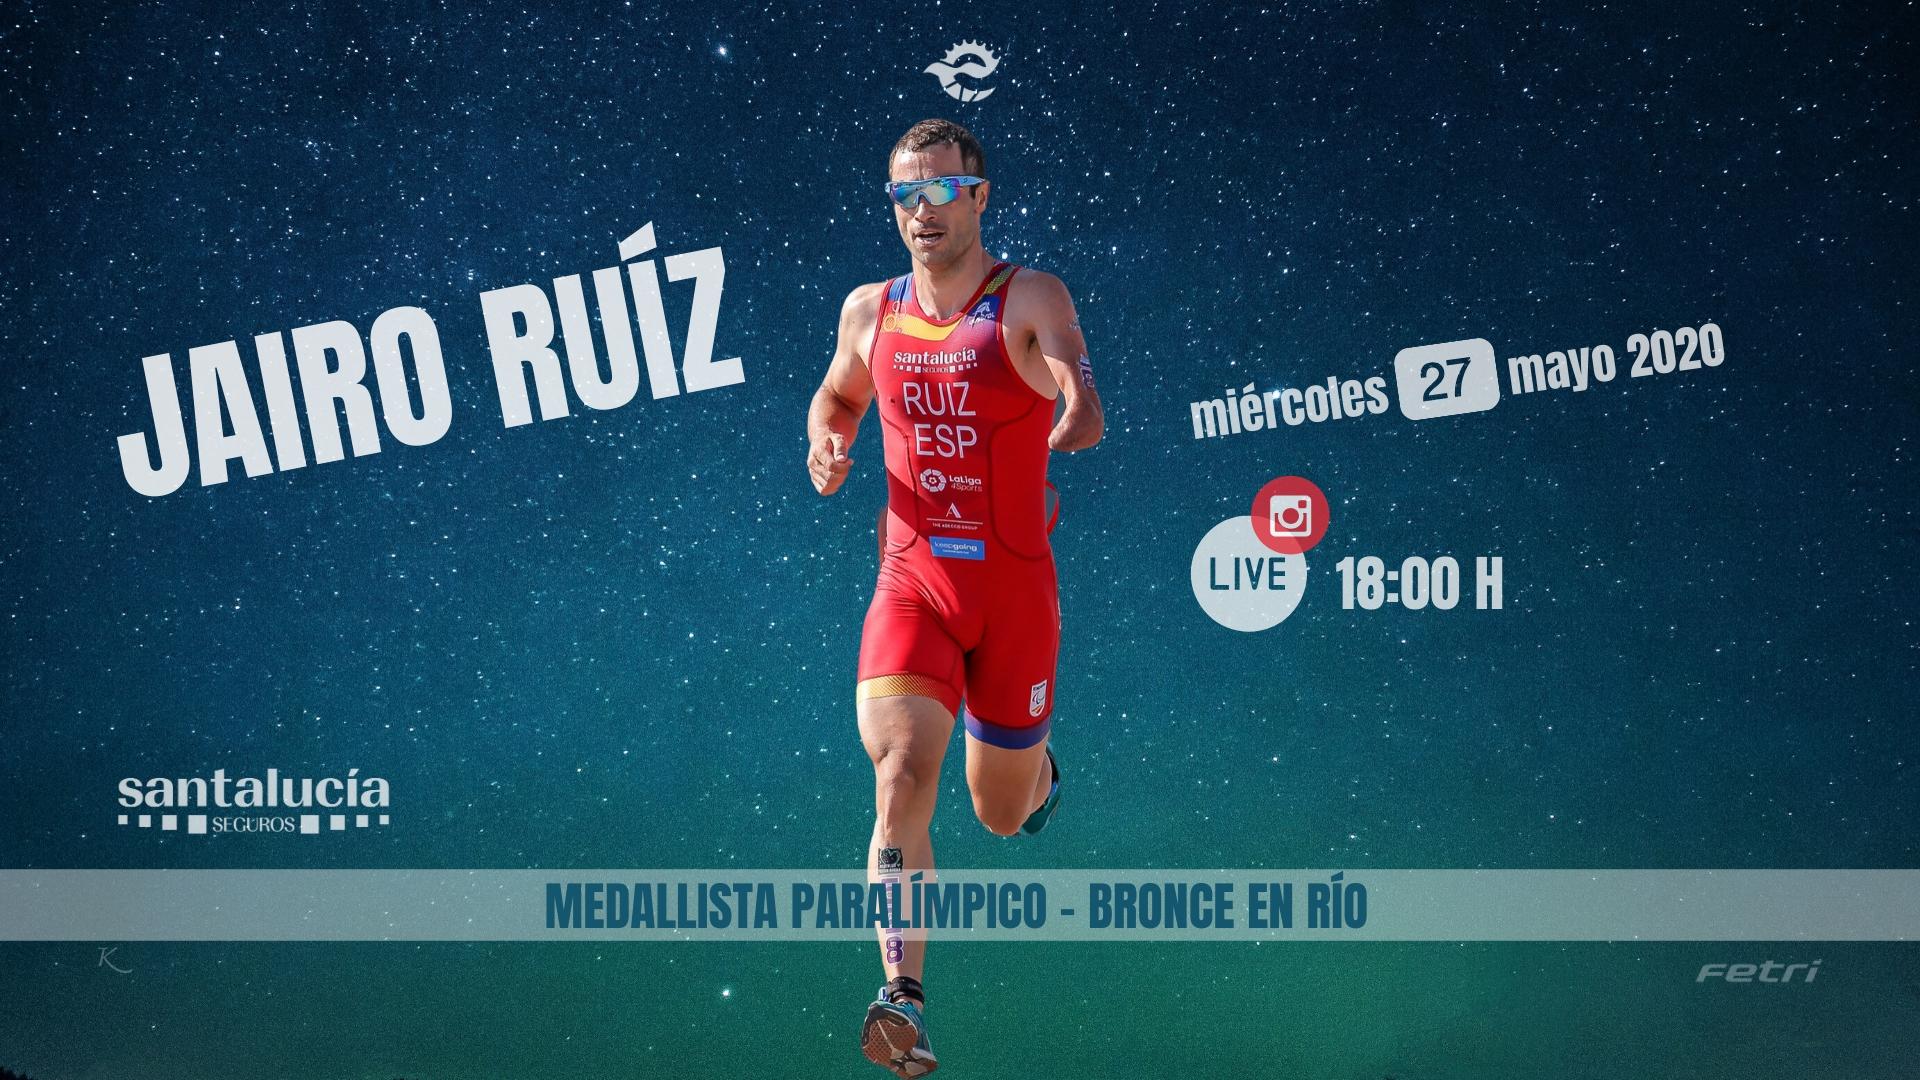 Jairo Ruíz, medallista paralímpico en Río, protagonista este miércoles en el Intagram Live